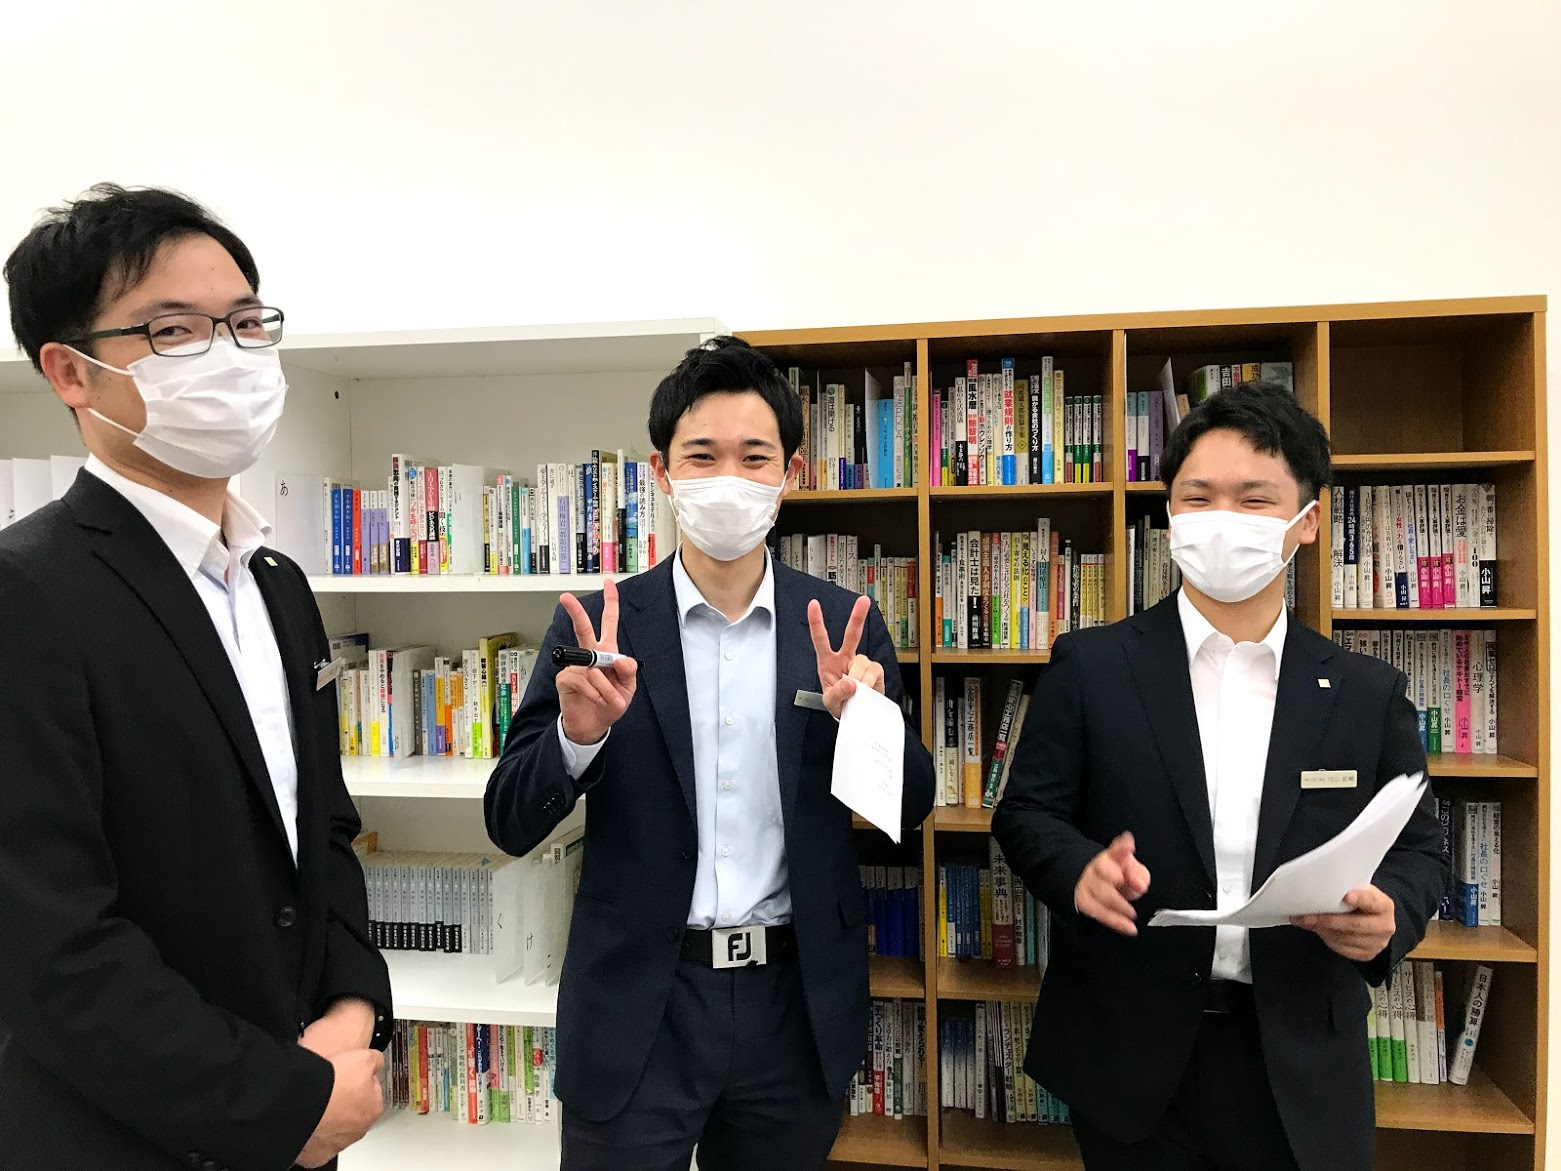 9月3日仕事体験 受付終了のお知らせ(>_<)